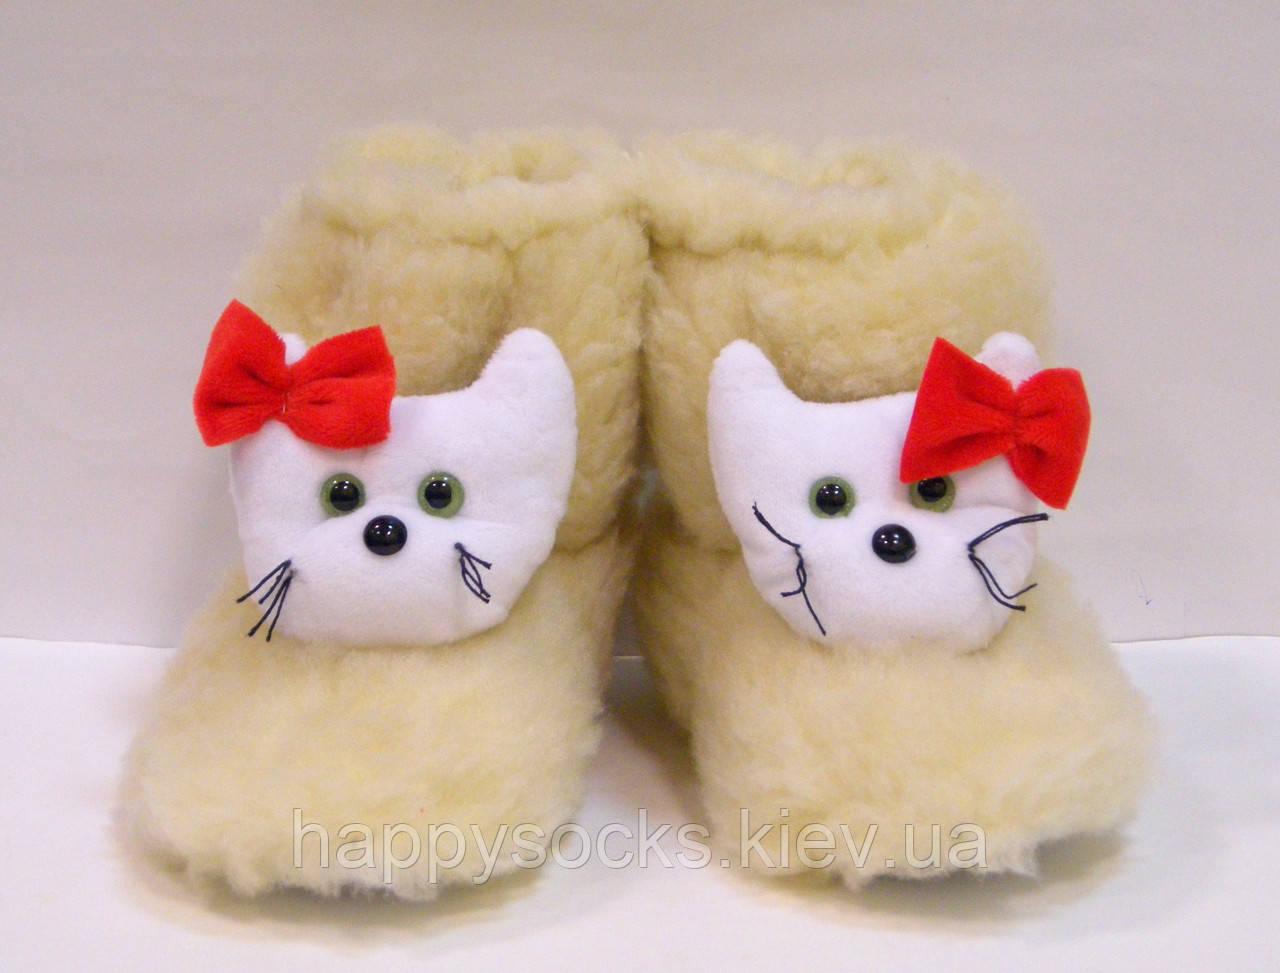 Комнатные детские меховые сапожки Кити